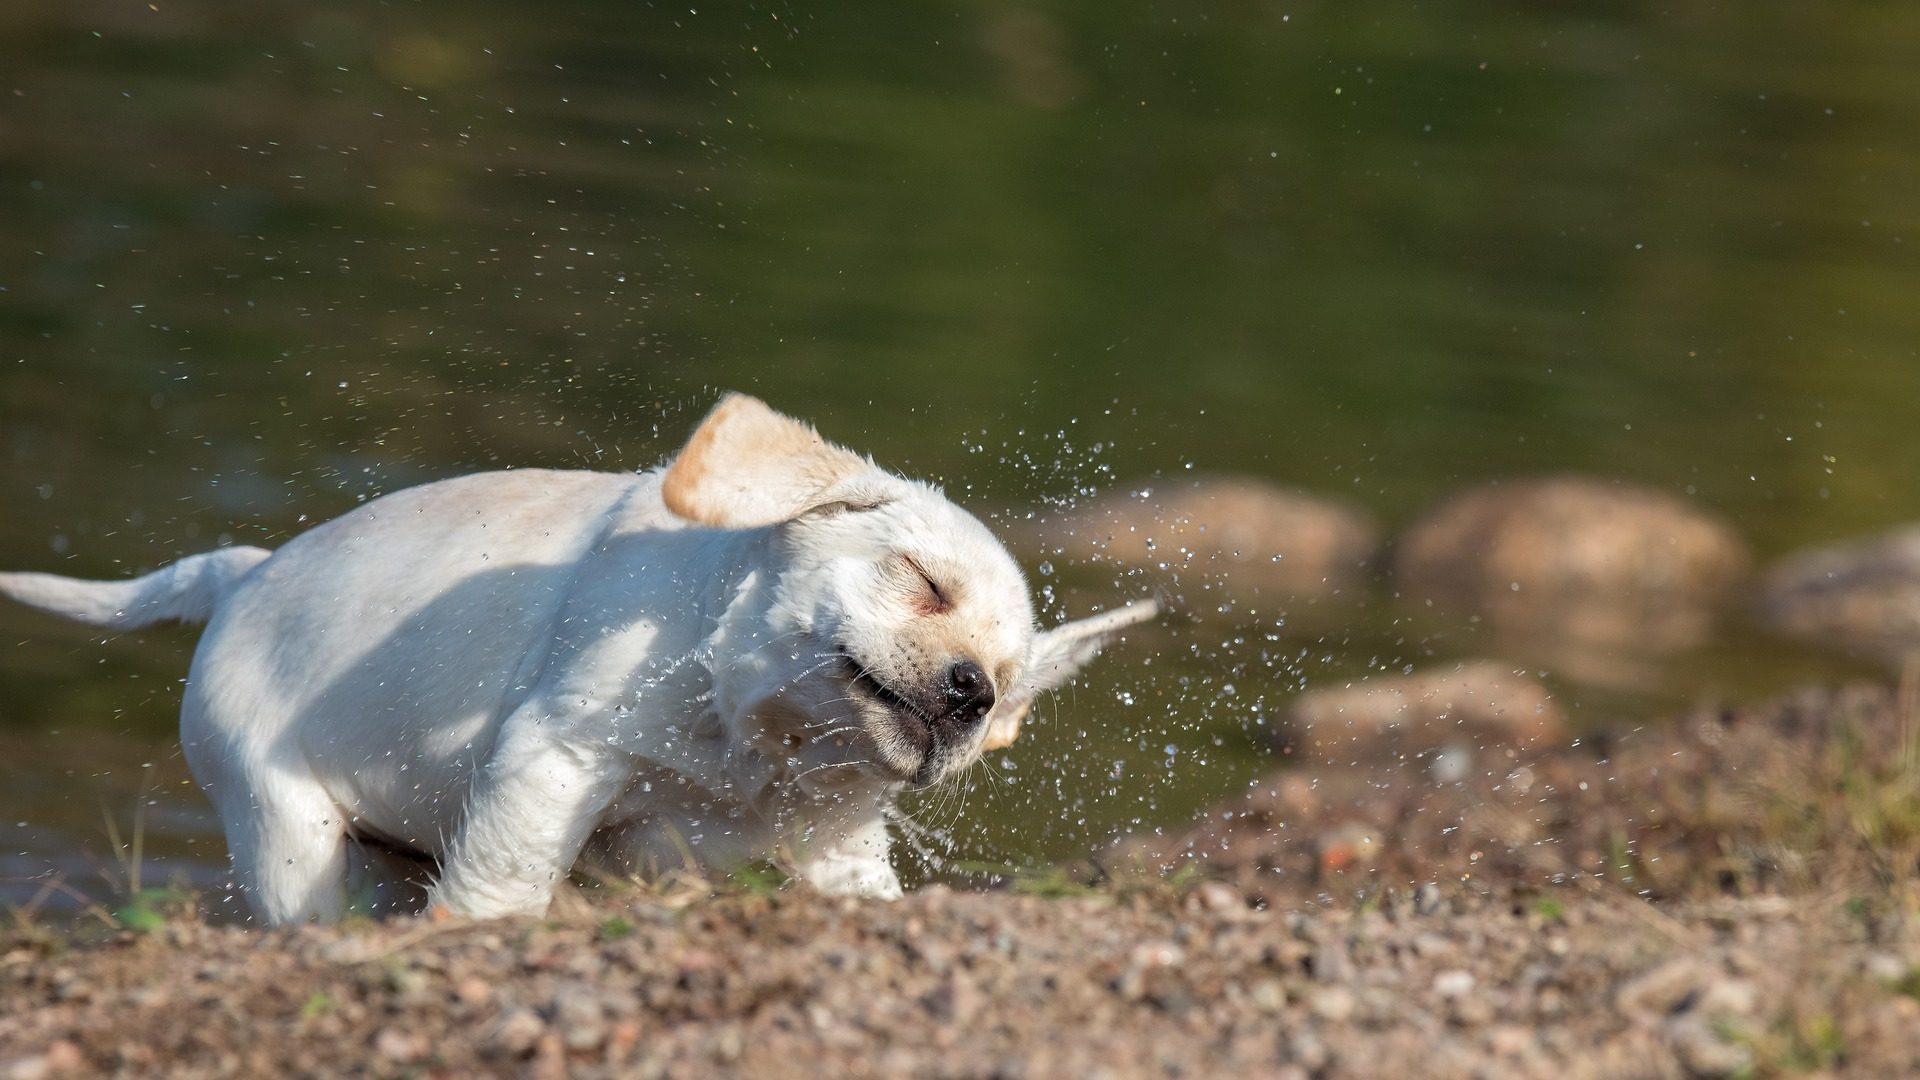 cane, Cucciolo, Animale domestico, acqua, bagnato - Sfondi HD - Professor-falken.com